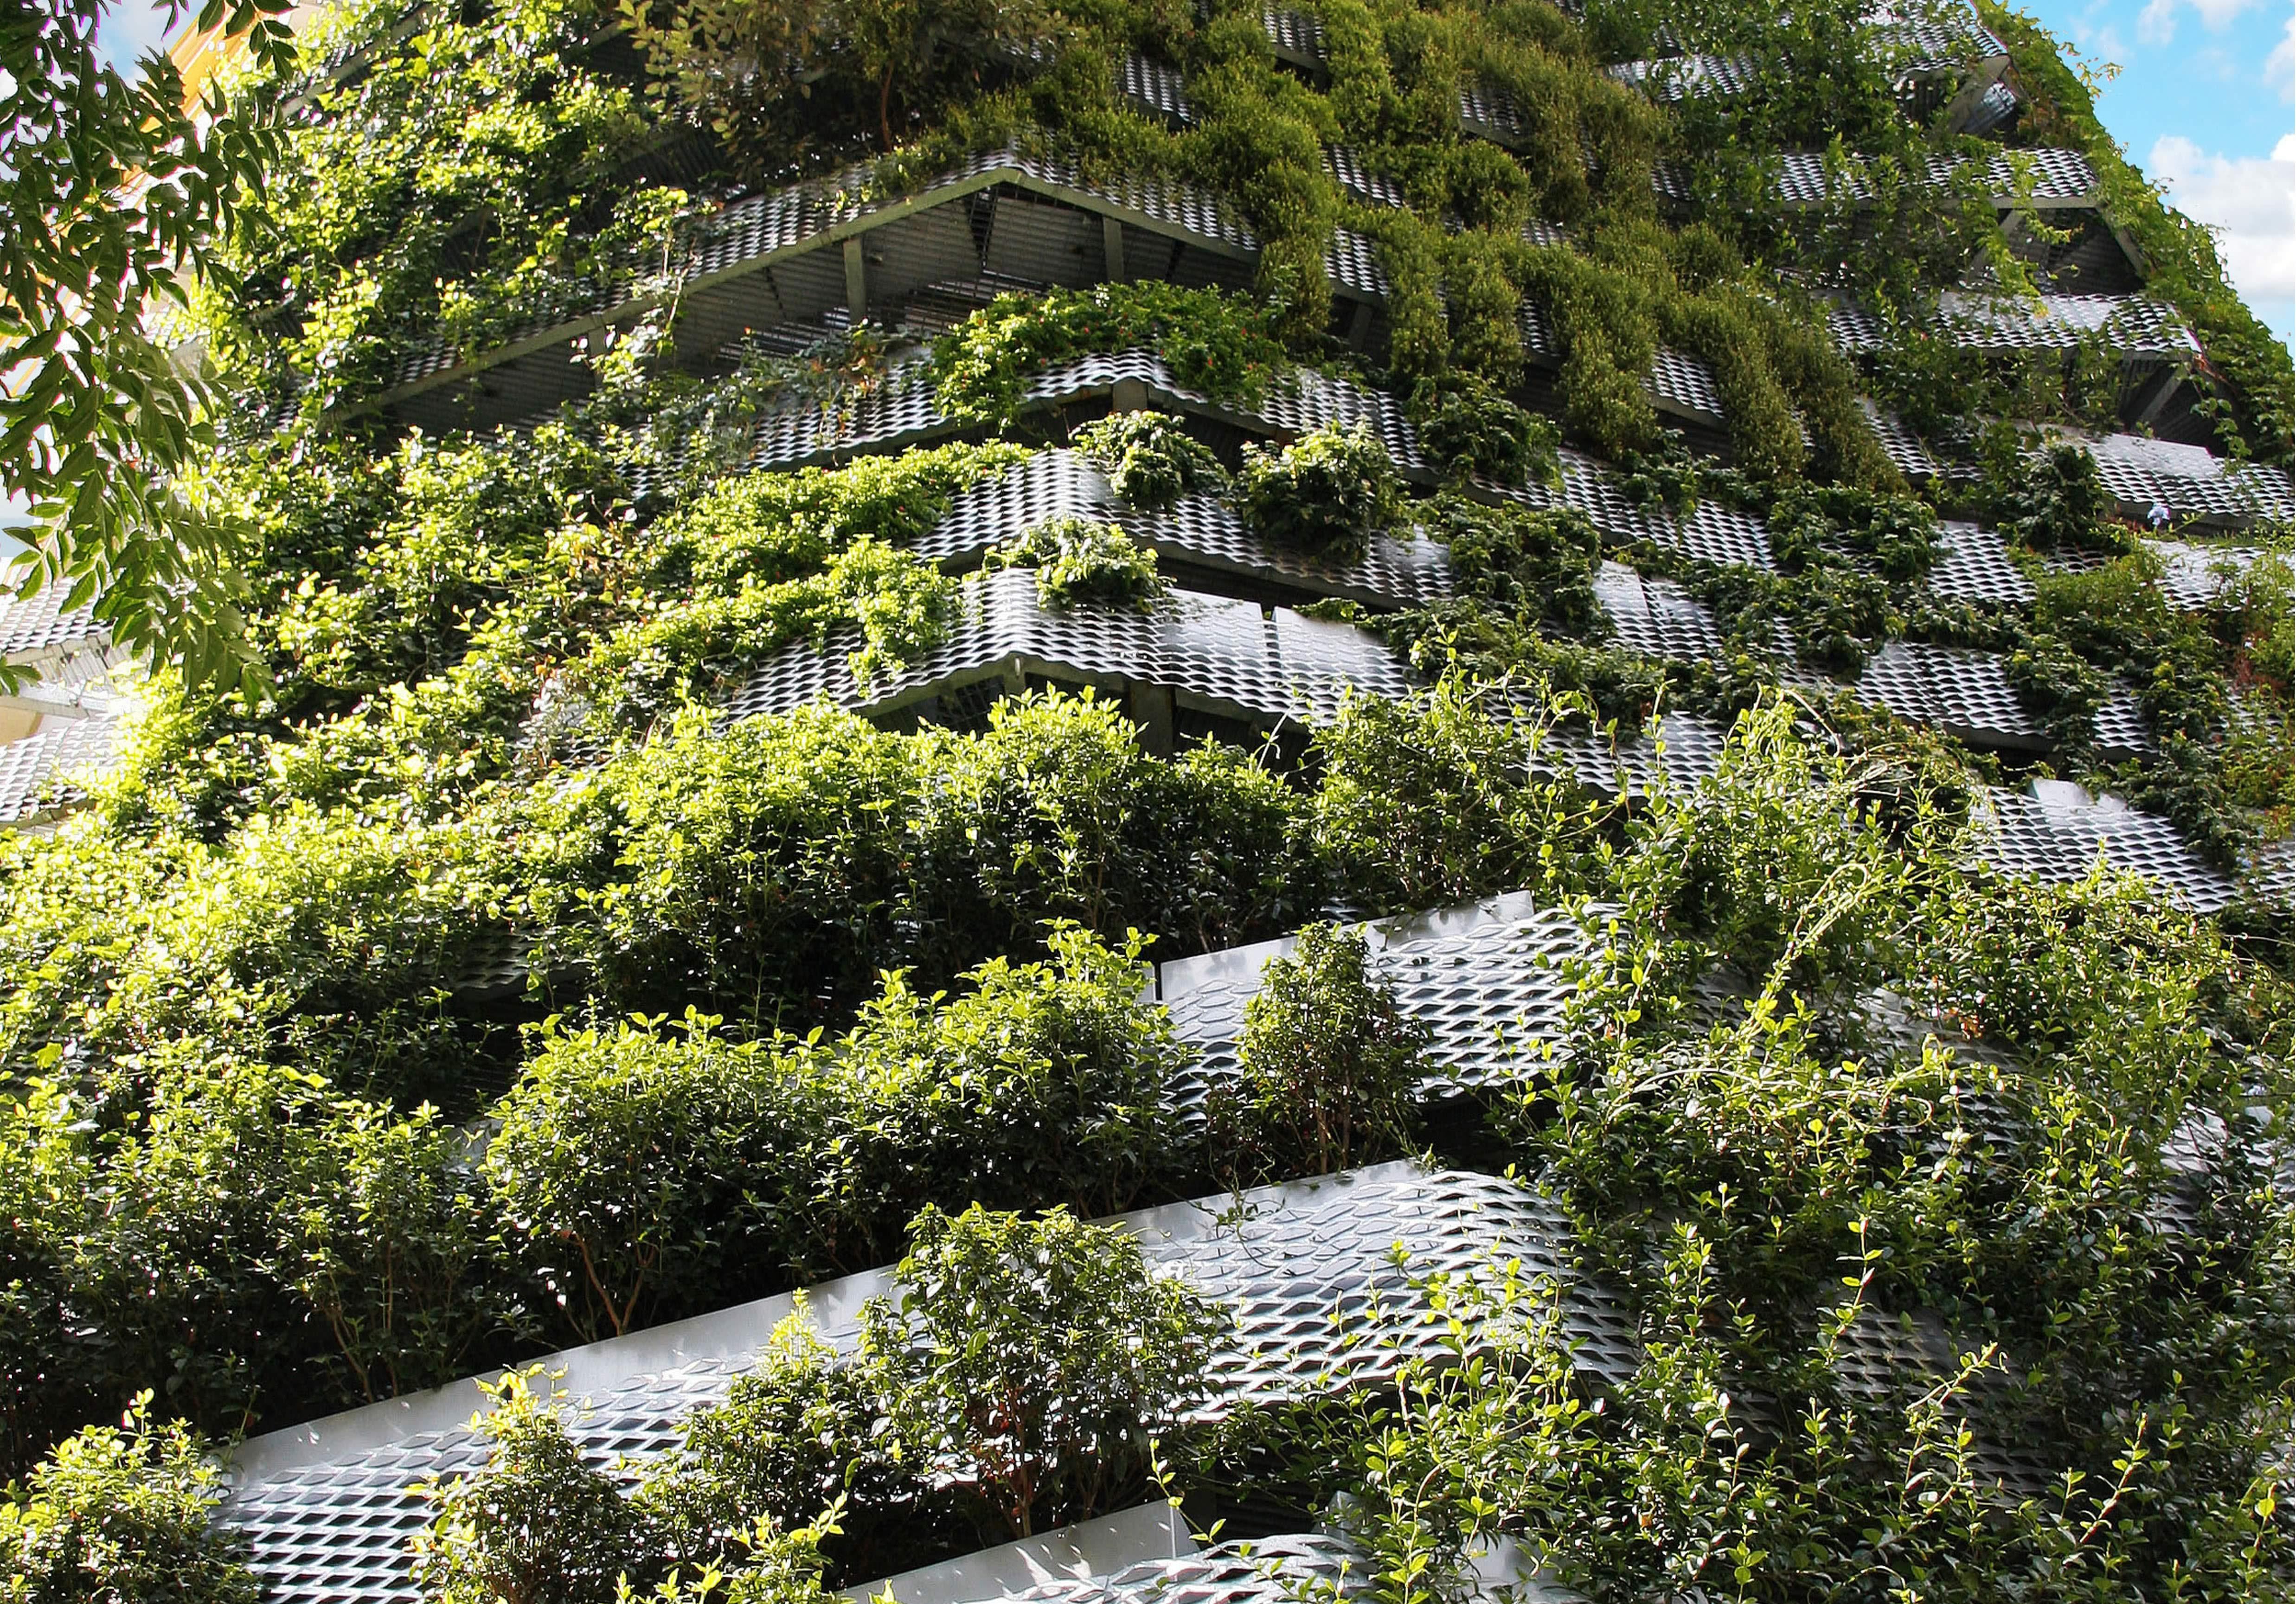 accesibles a travs de una escalera interior dedicados a contener jardineras con plantas que recubran la fachada a modo de un jardn vertical